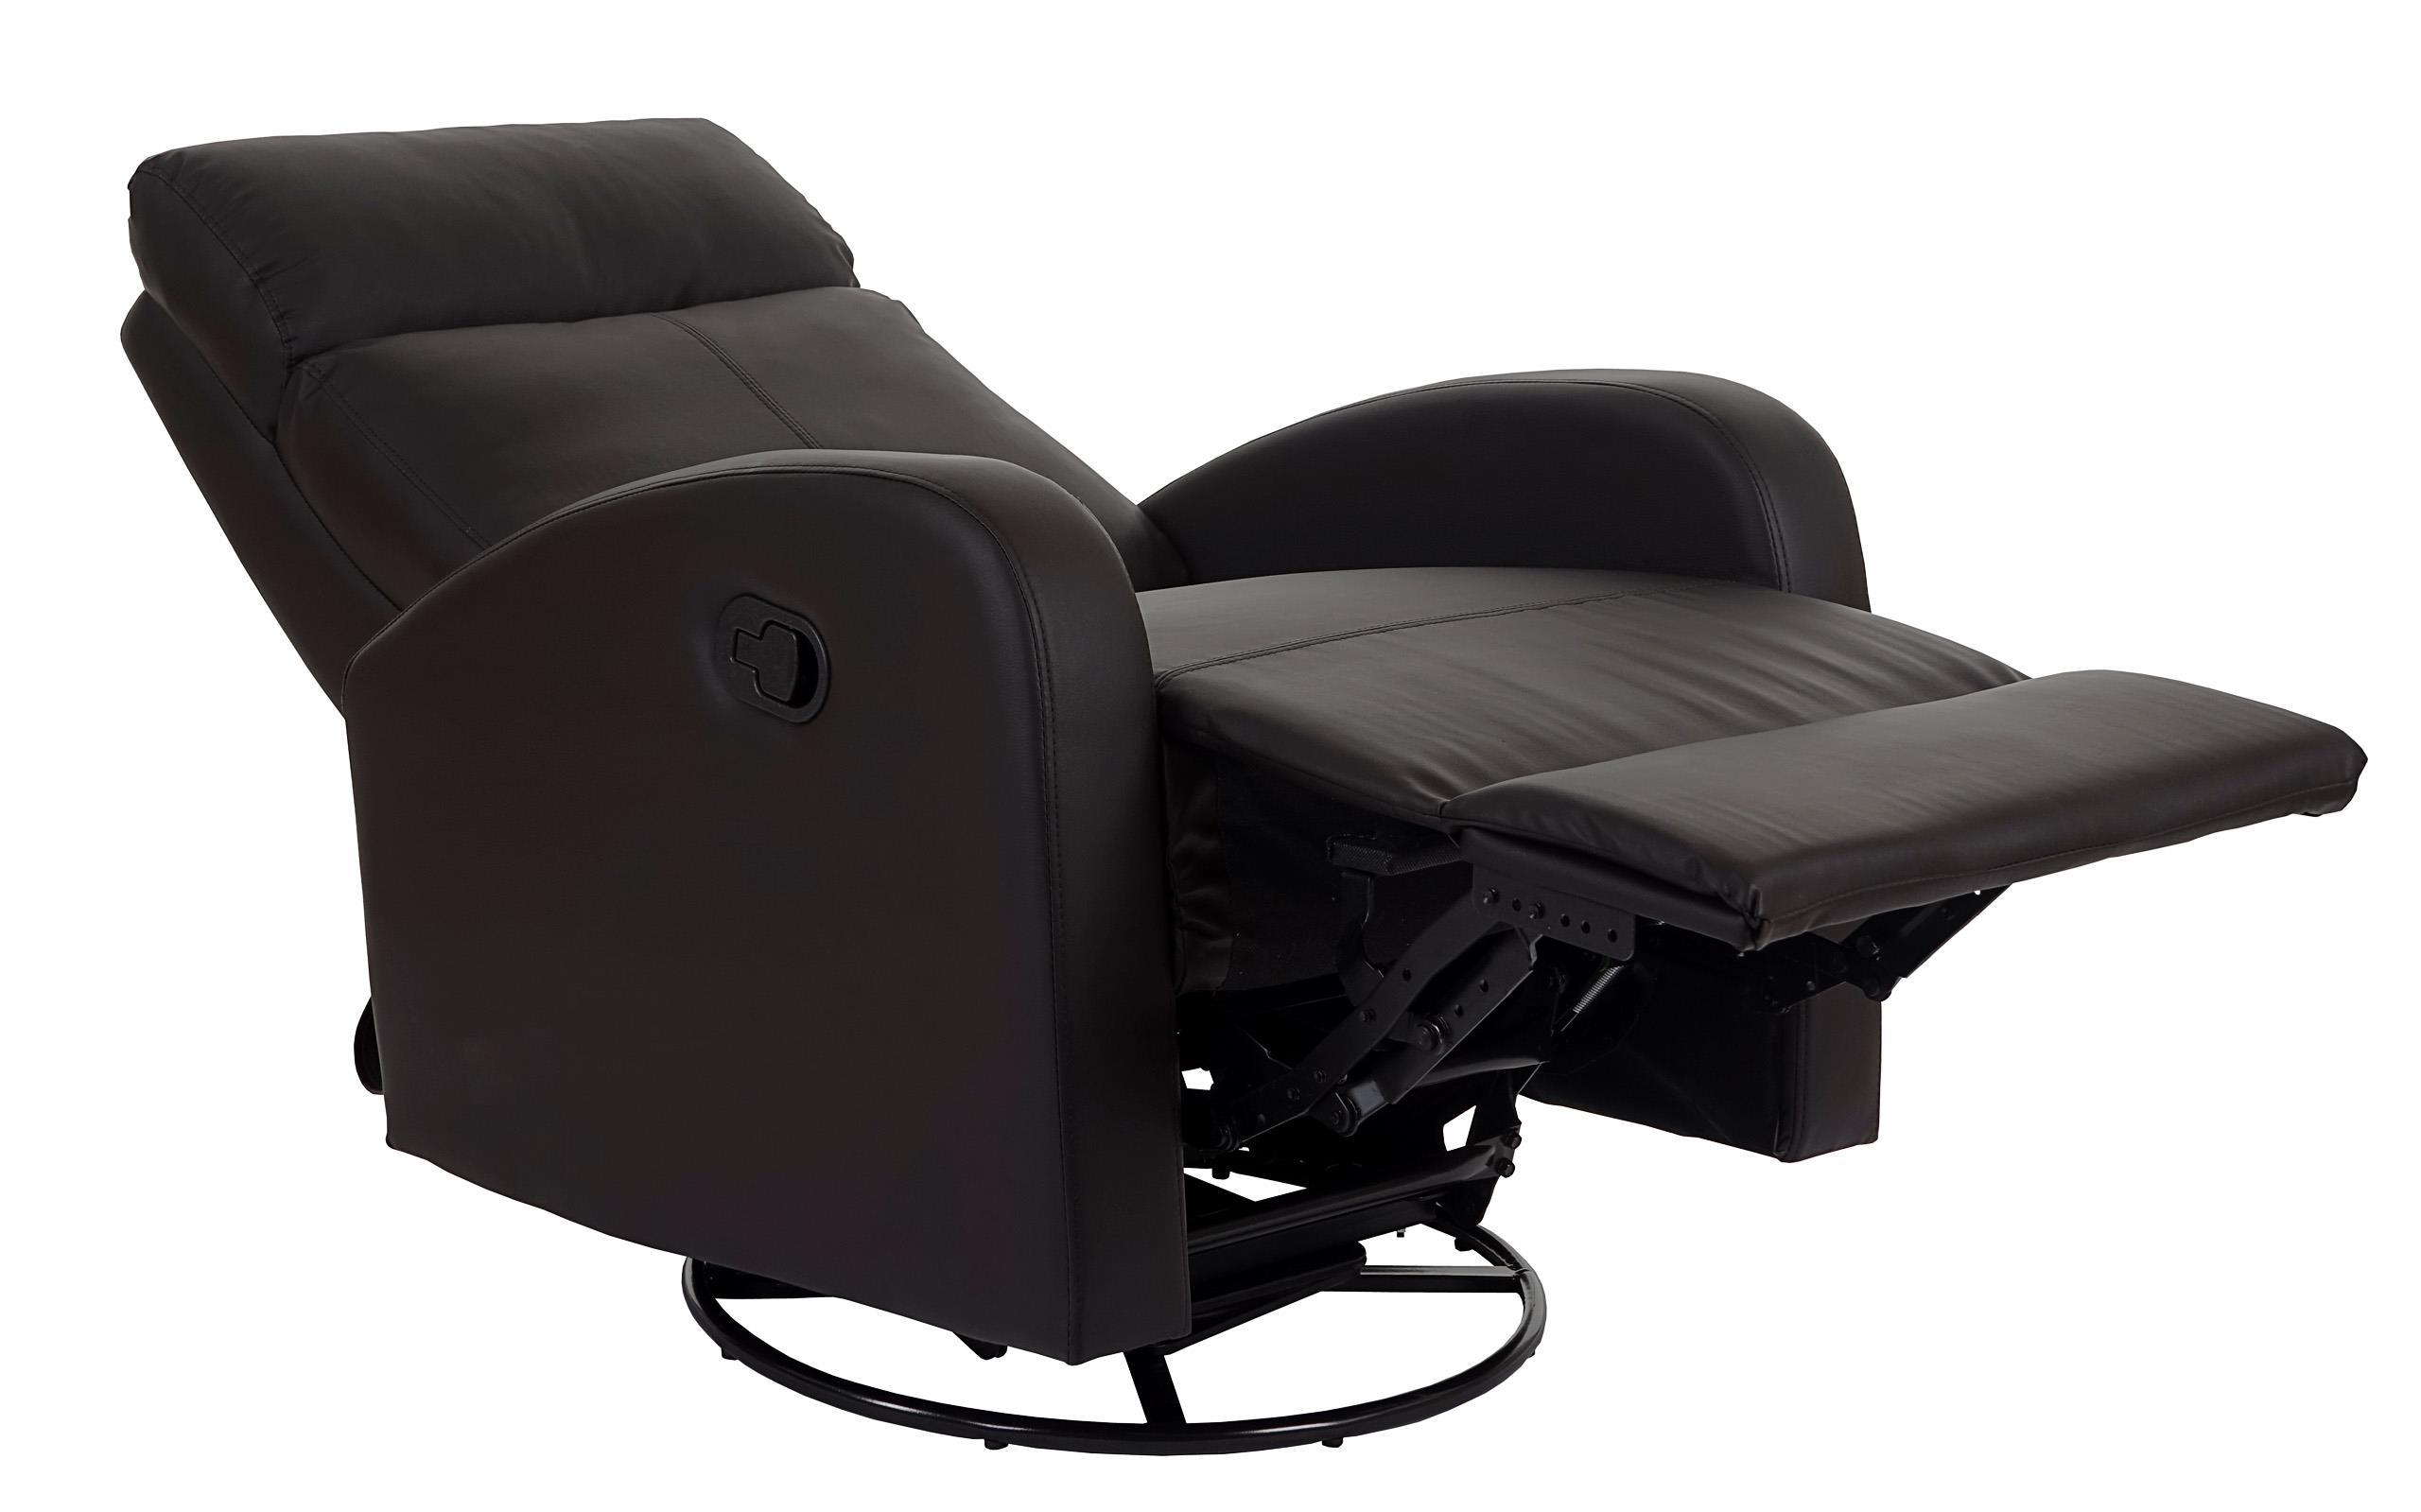 Poltrona relax reclinabile e oscillante kartia premium con